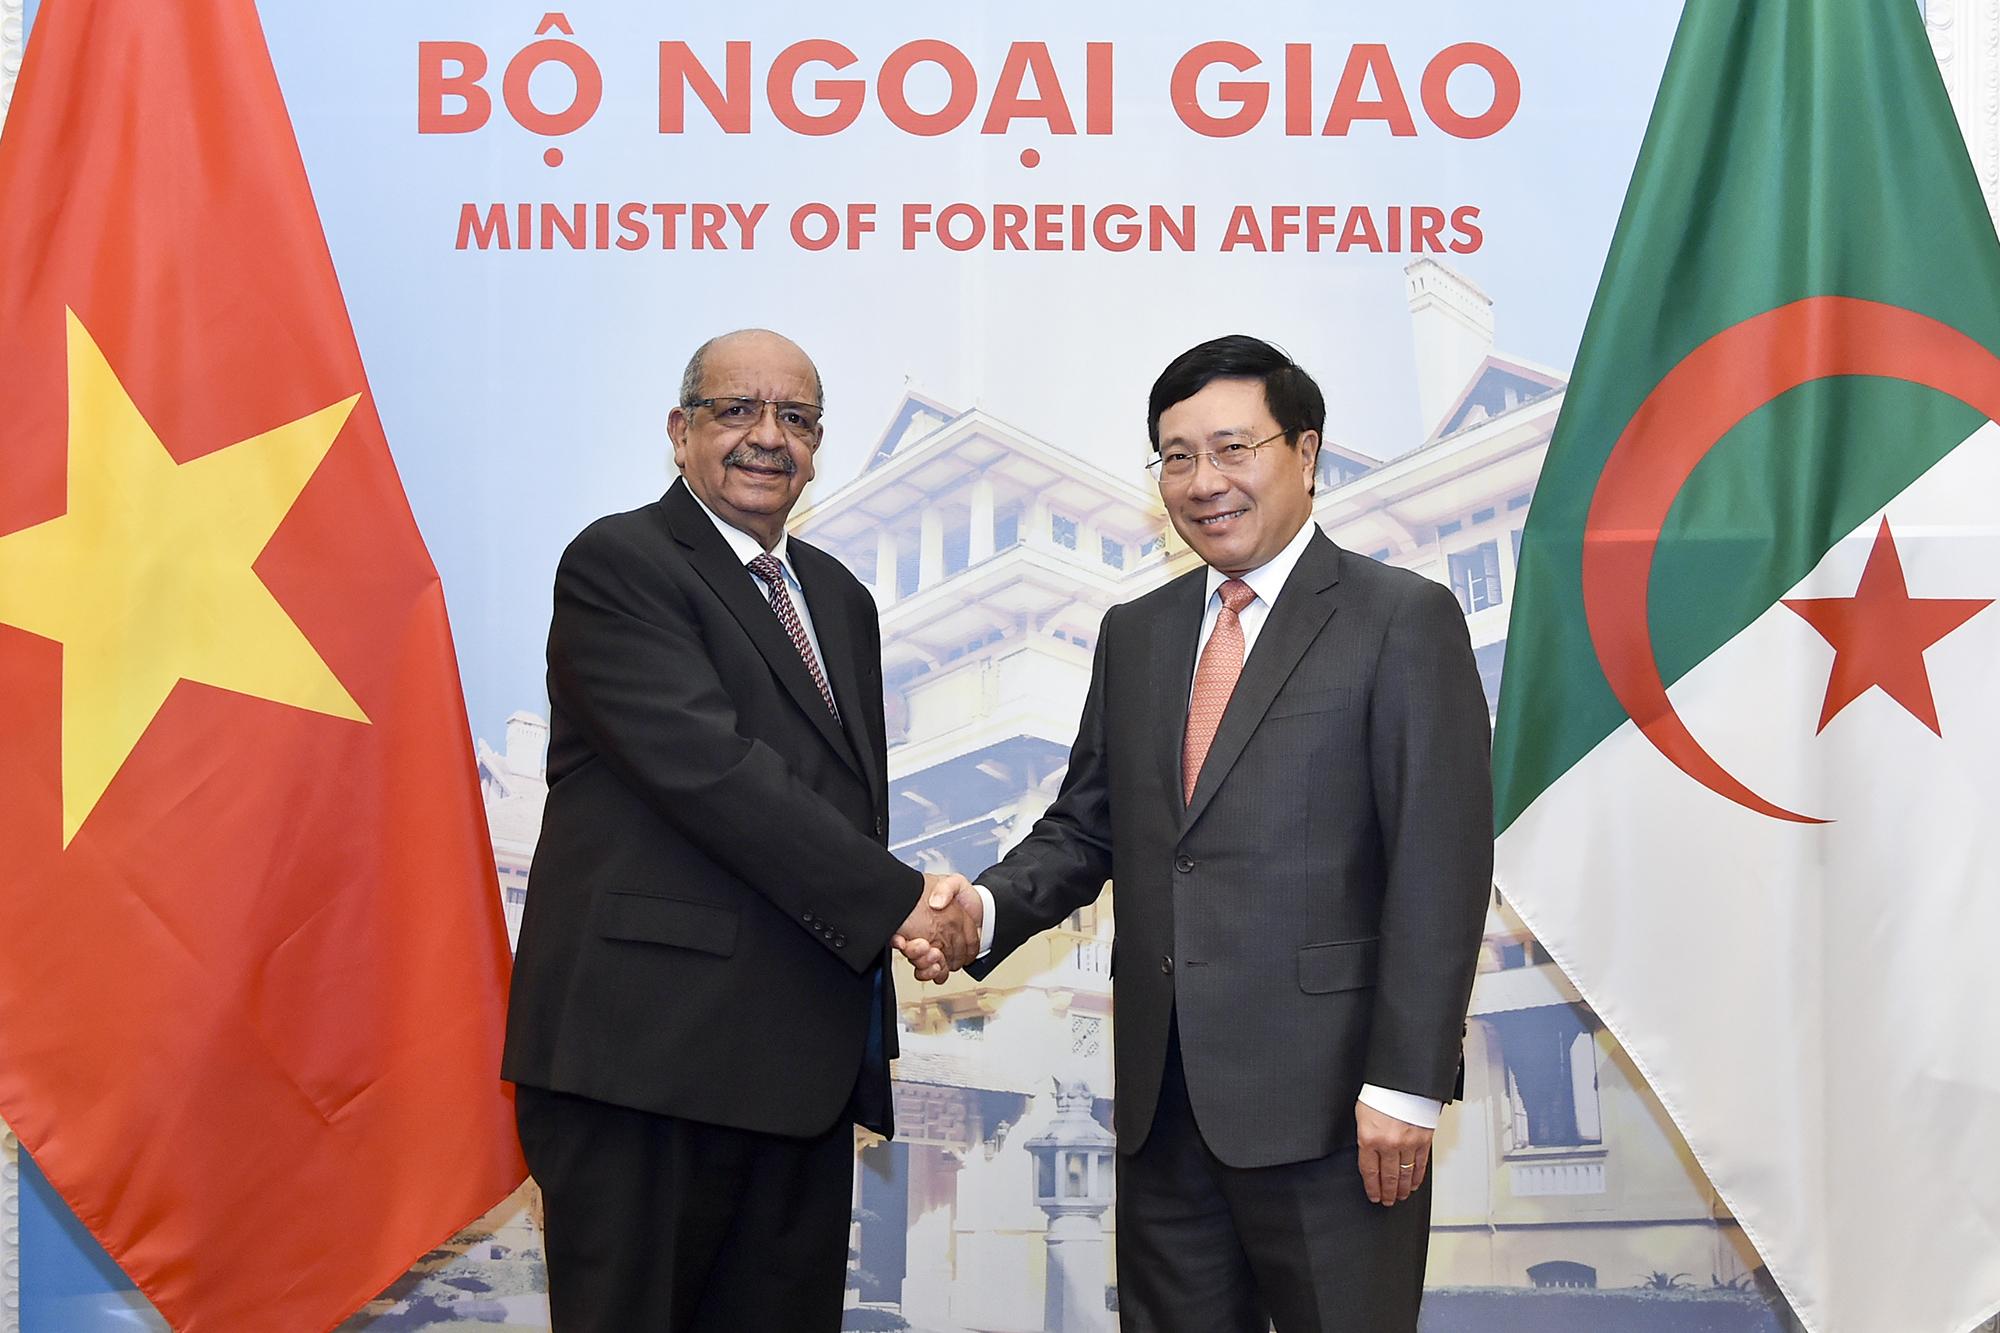 Đưa quan hệ hợp tác song phương Việt Nam - An-giê-ri tiếp tục phát triển